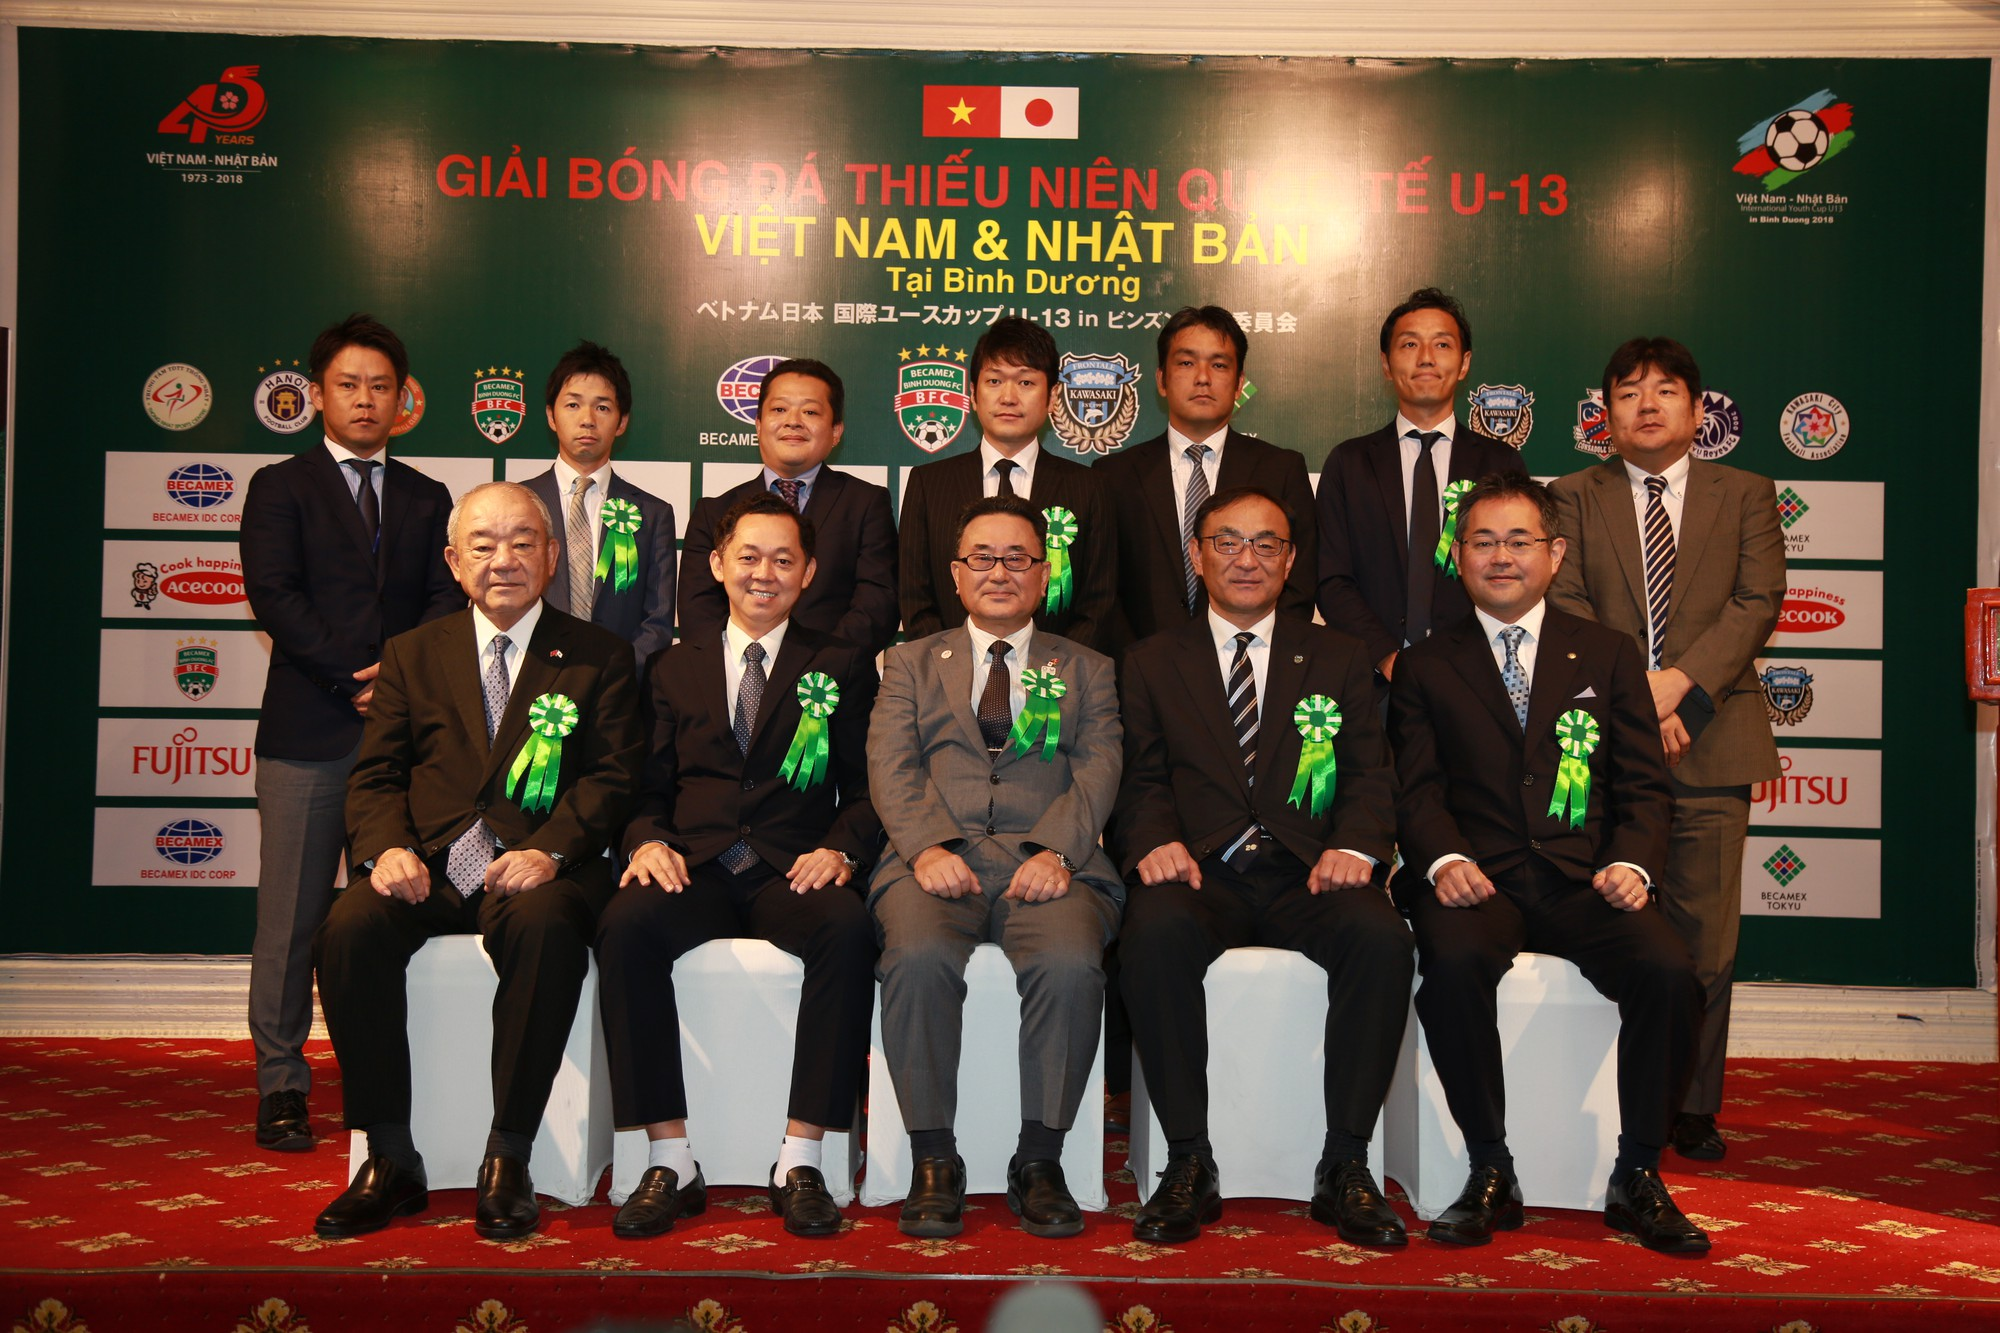 Giải bóng đá thiếu niên quốc tế U13 Việt Nam – Nhật Bản tại Bình Dương - Ảnh 2.